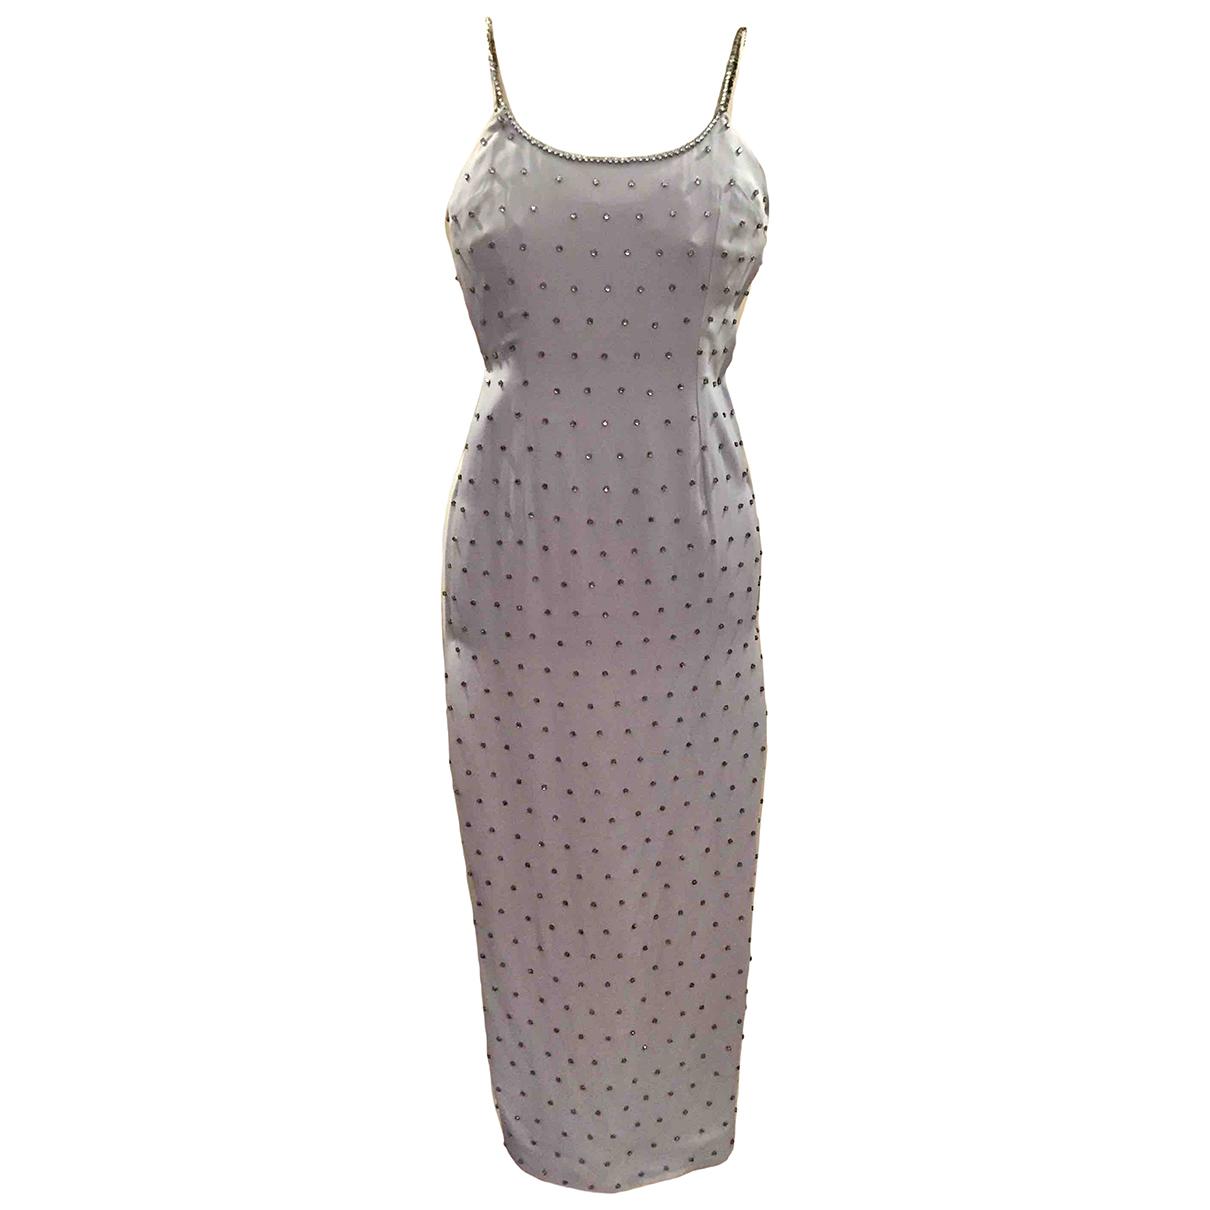 Dolce & Gabbana N Glitter dress for Women 40 IT